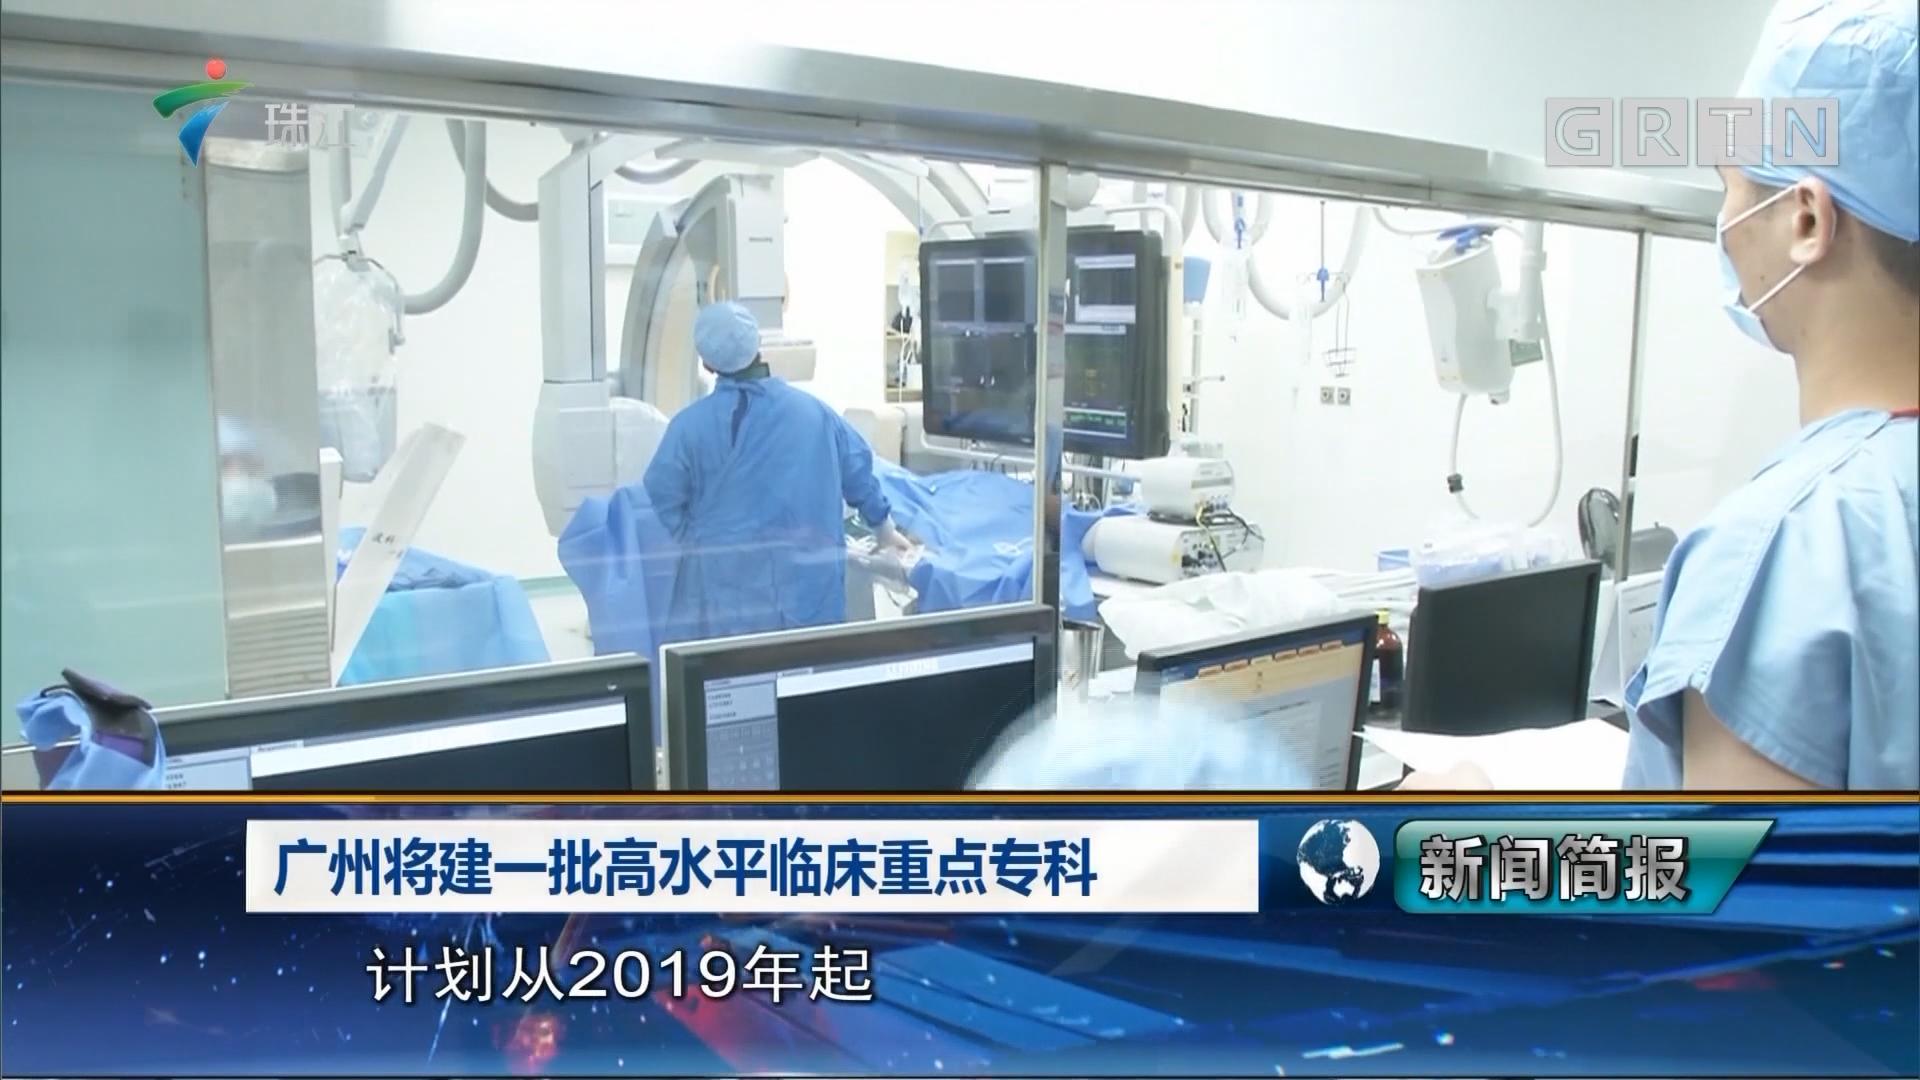 广州将建一批高水平临床重点专科